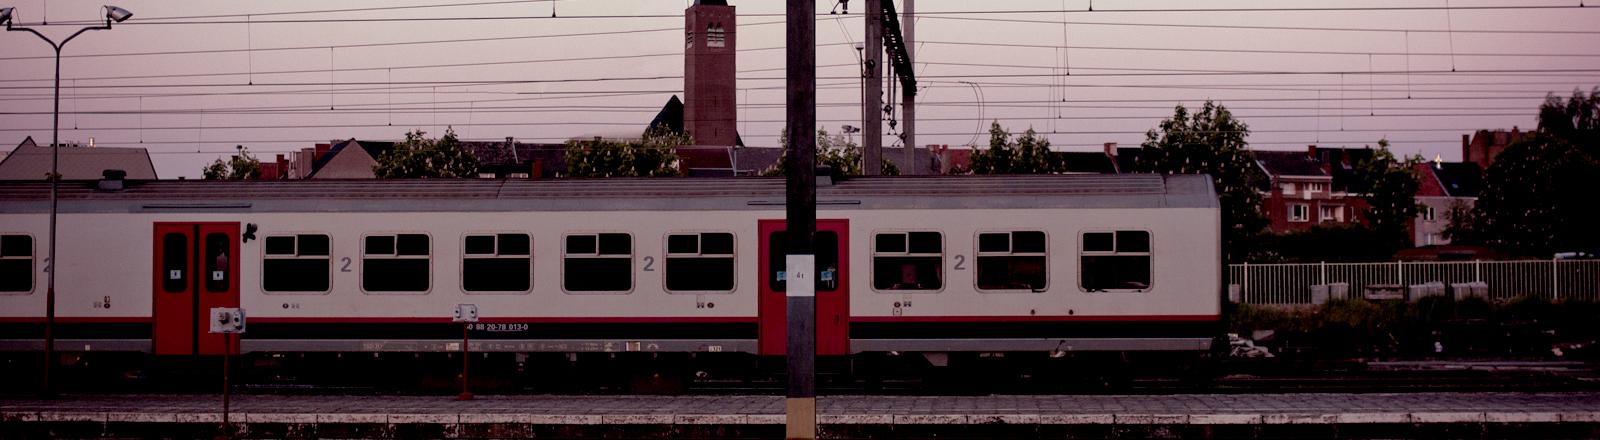 Ein Bahnhof, am Gleis steht ein Zug.